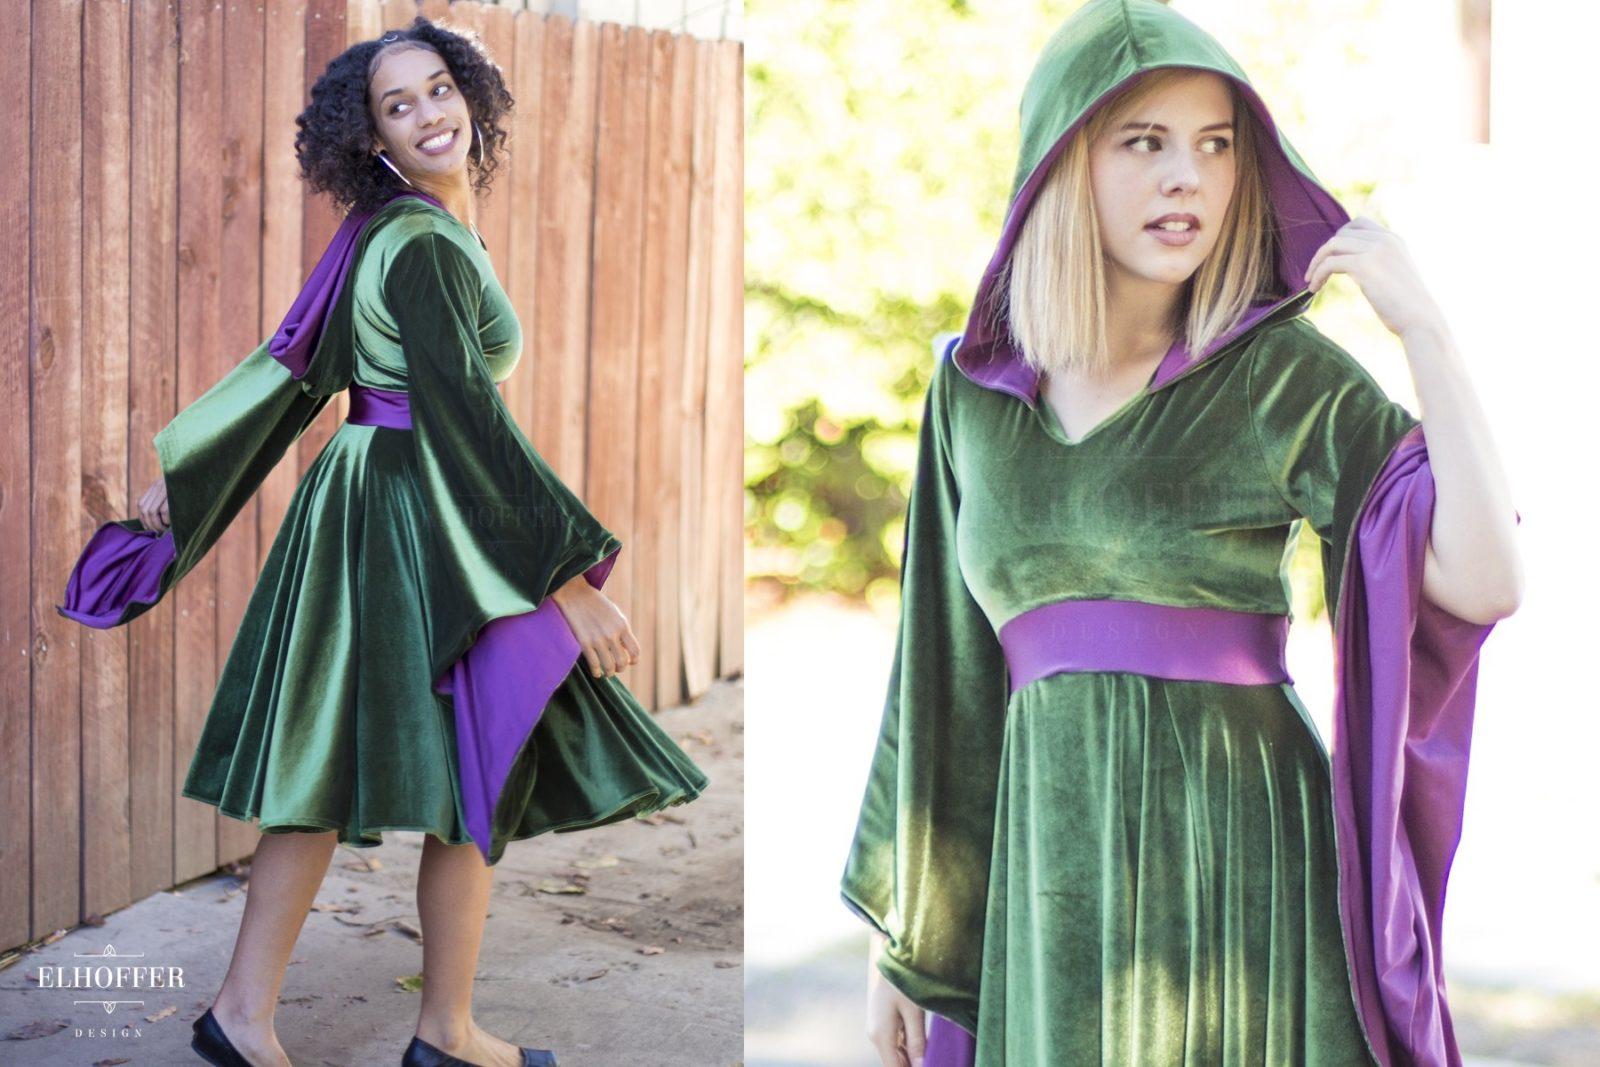 Star Wars Padme Amidala Velvet Dress by Elhoffer Design